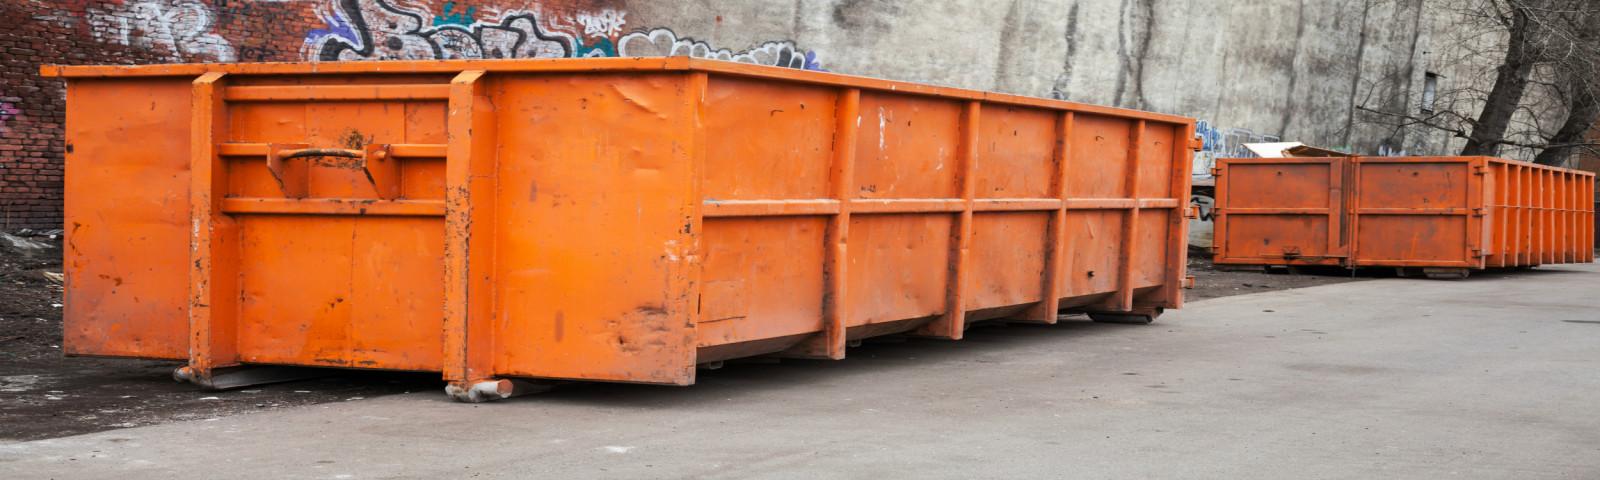 2-orange-commercial-skips-e1453849108123